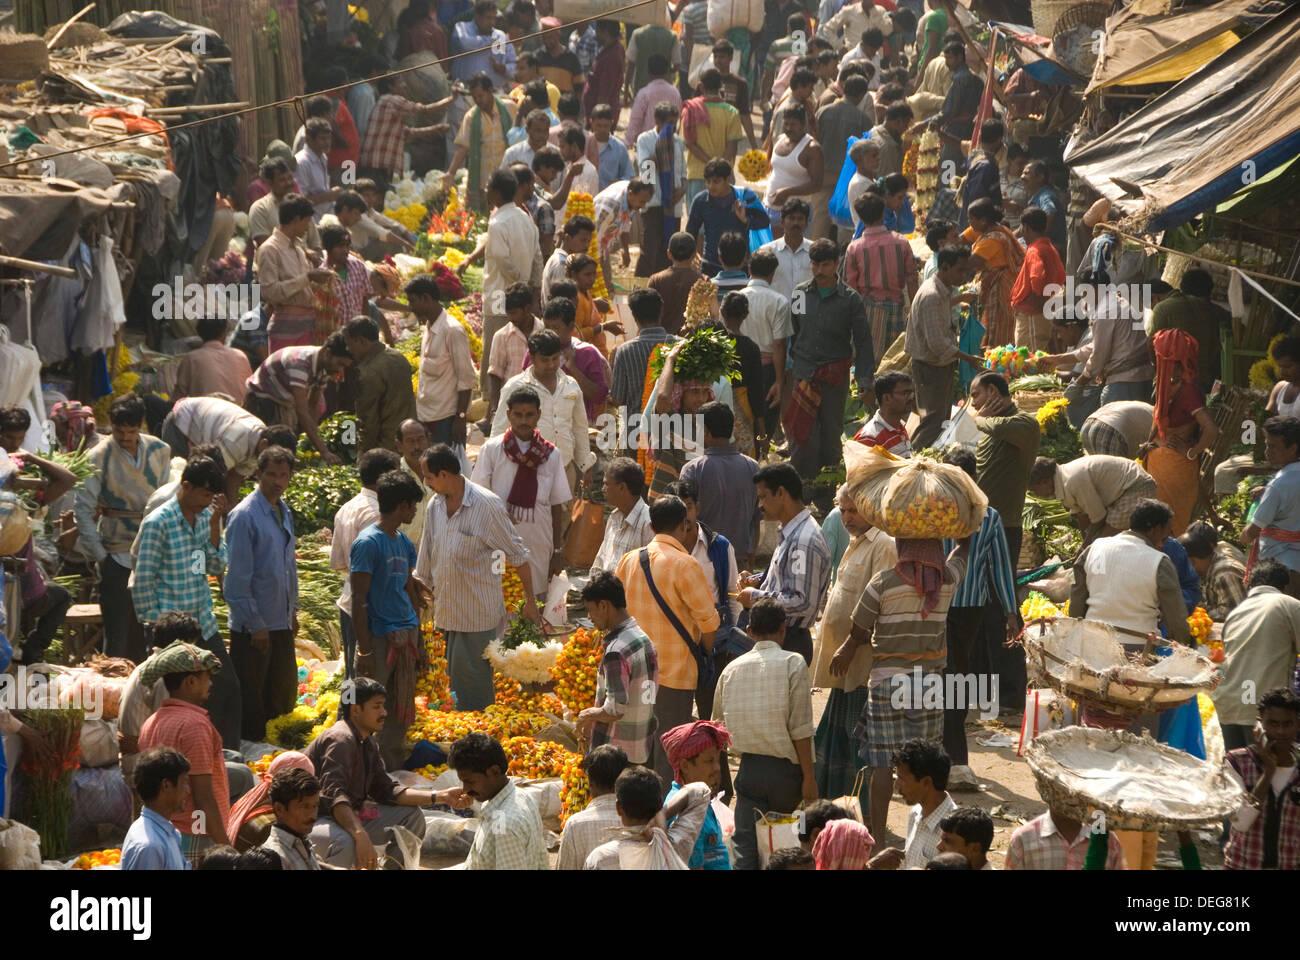 Armenia Ghat market, Kolkata (Calcutta), West Bengal, India, Asia - Stock Image